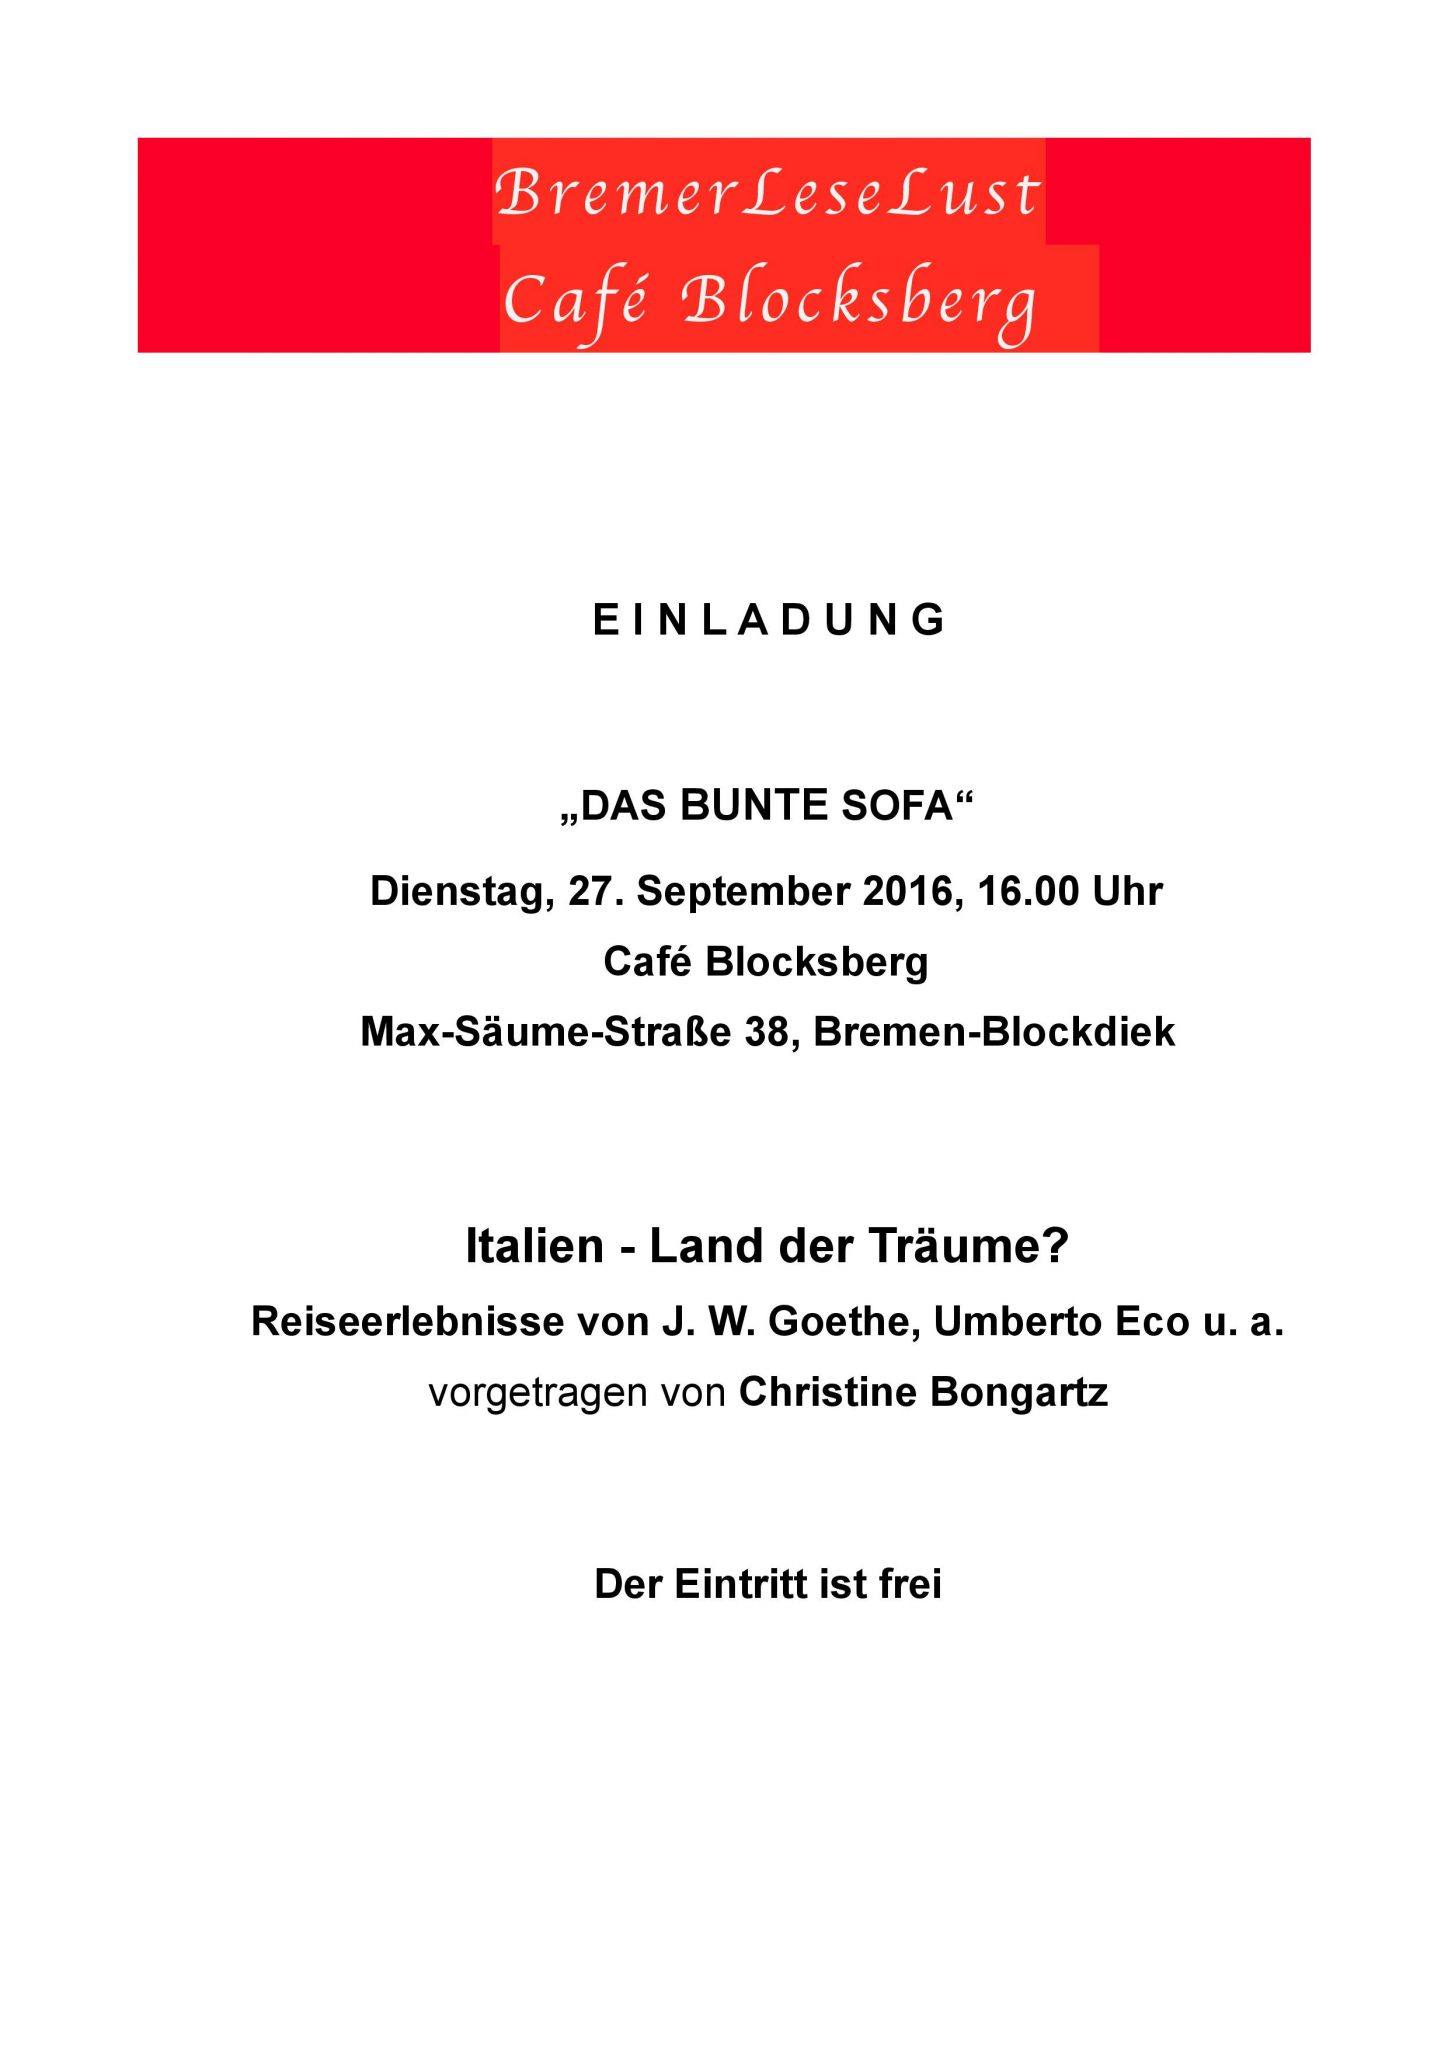 Das Bunte Sofa September 2016 Einladung Italien Lander der Traeume BremerLeseLust